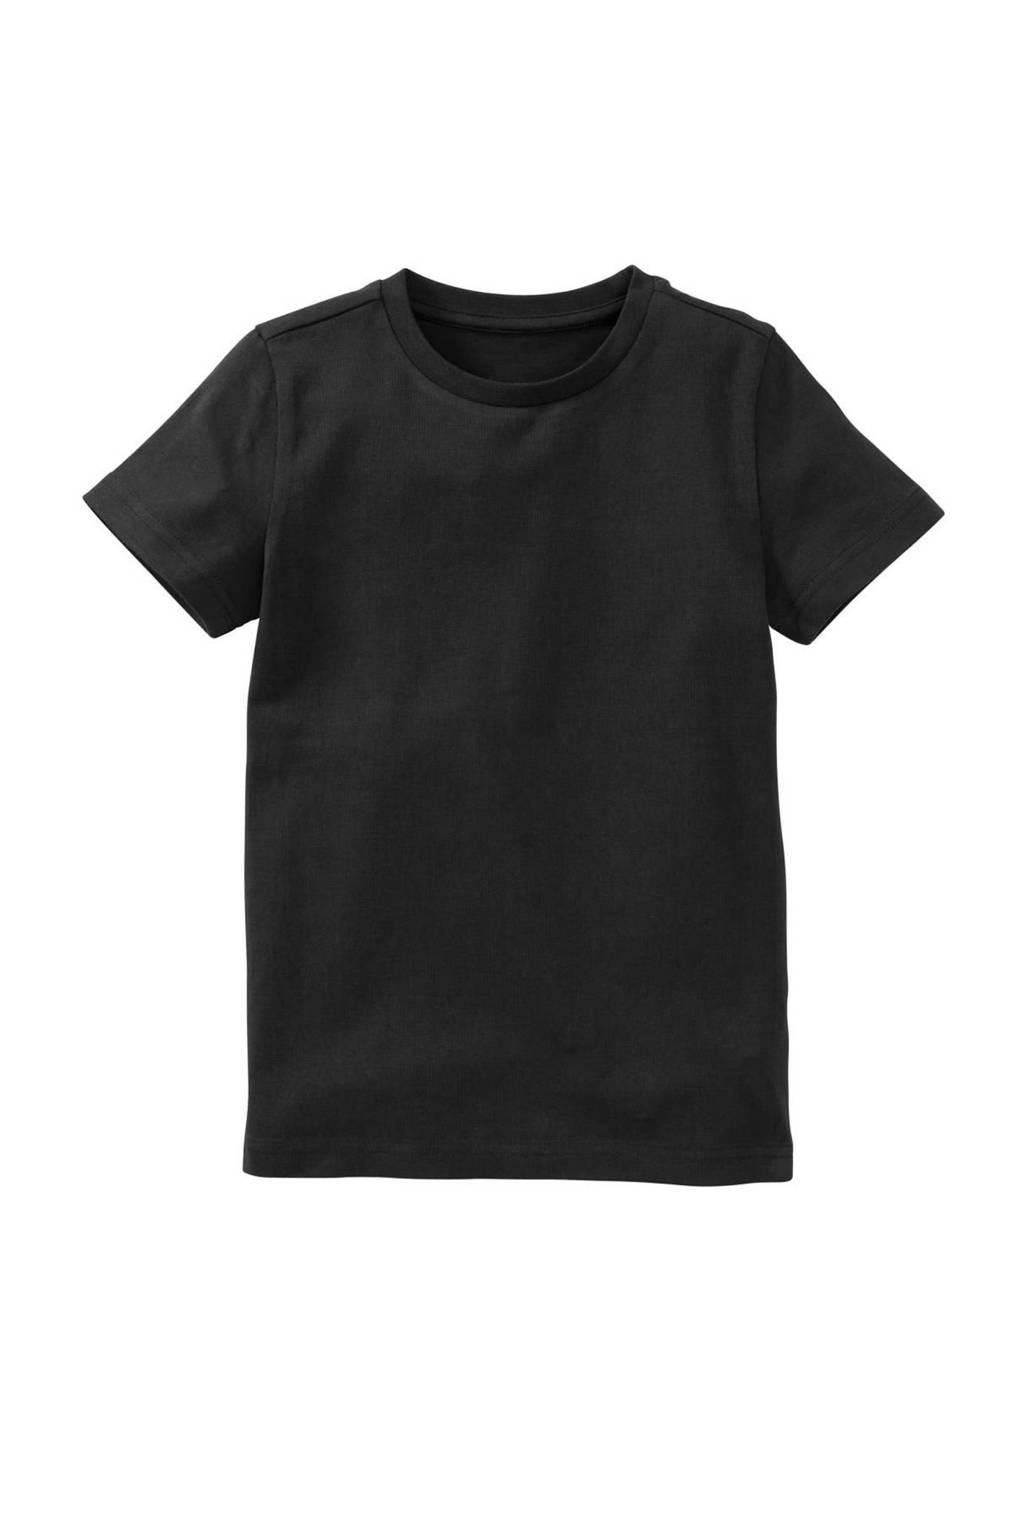 HEMA T-shirt met biologisch katoen zwart, Zwart